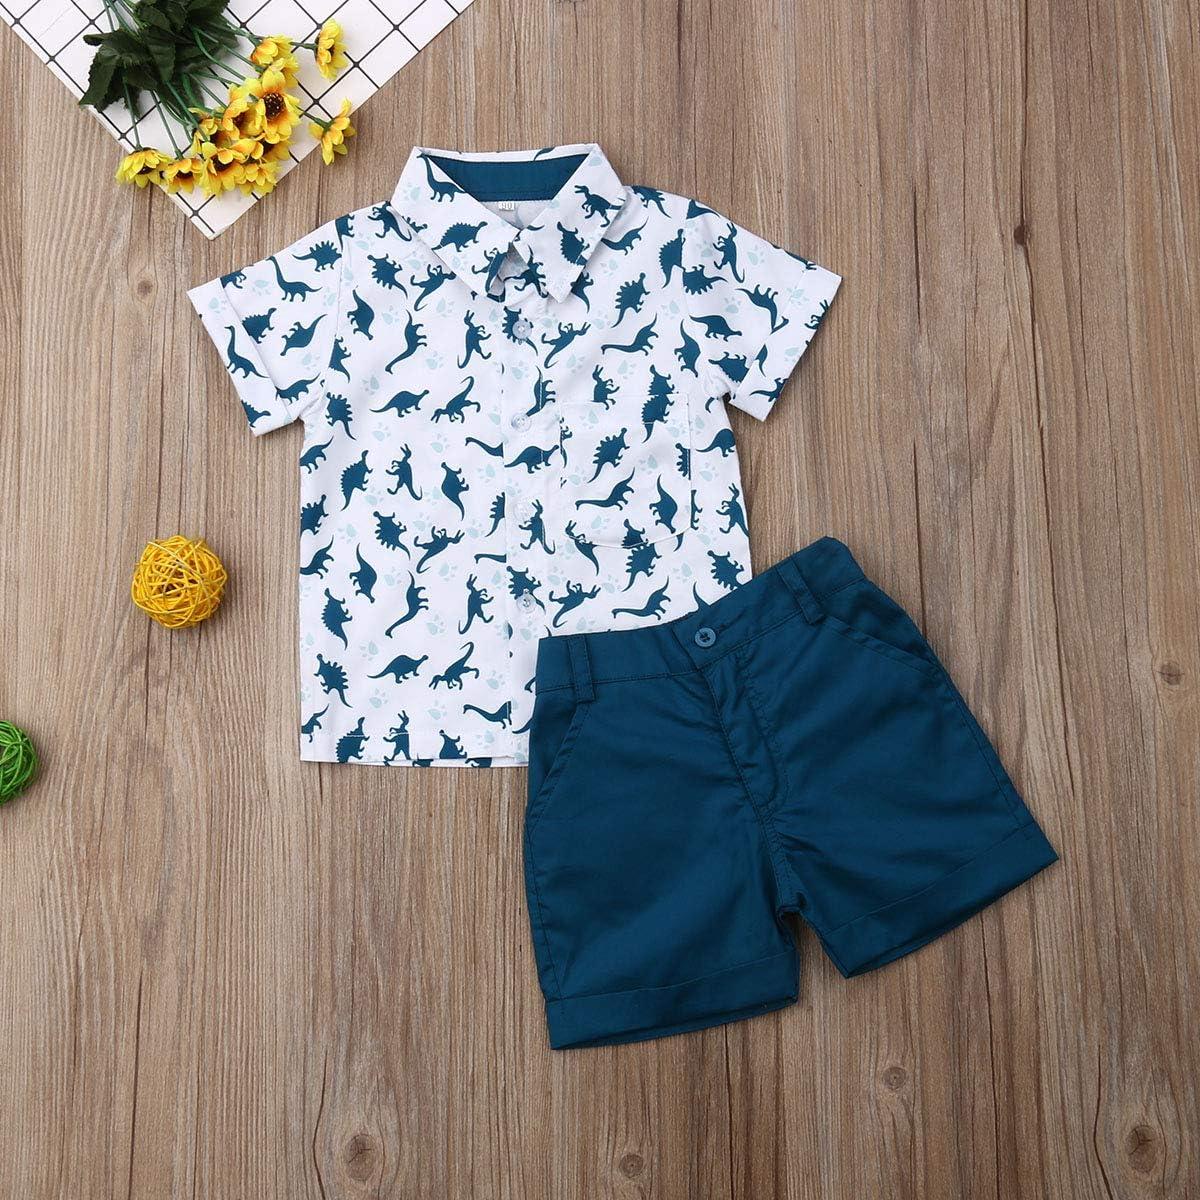 Toddler Kid Baby Boy Clothes Outfits Sets Beach Flamingo Shirt Tops Shorts Pants Set.